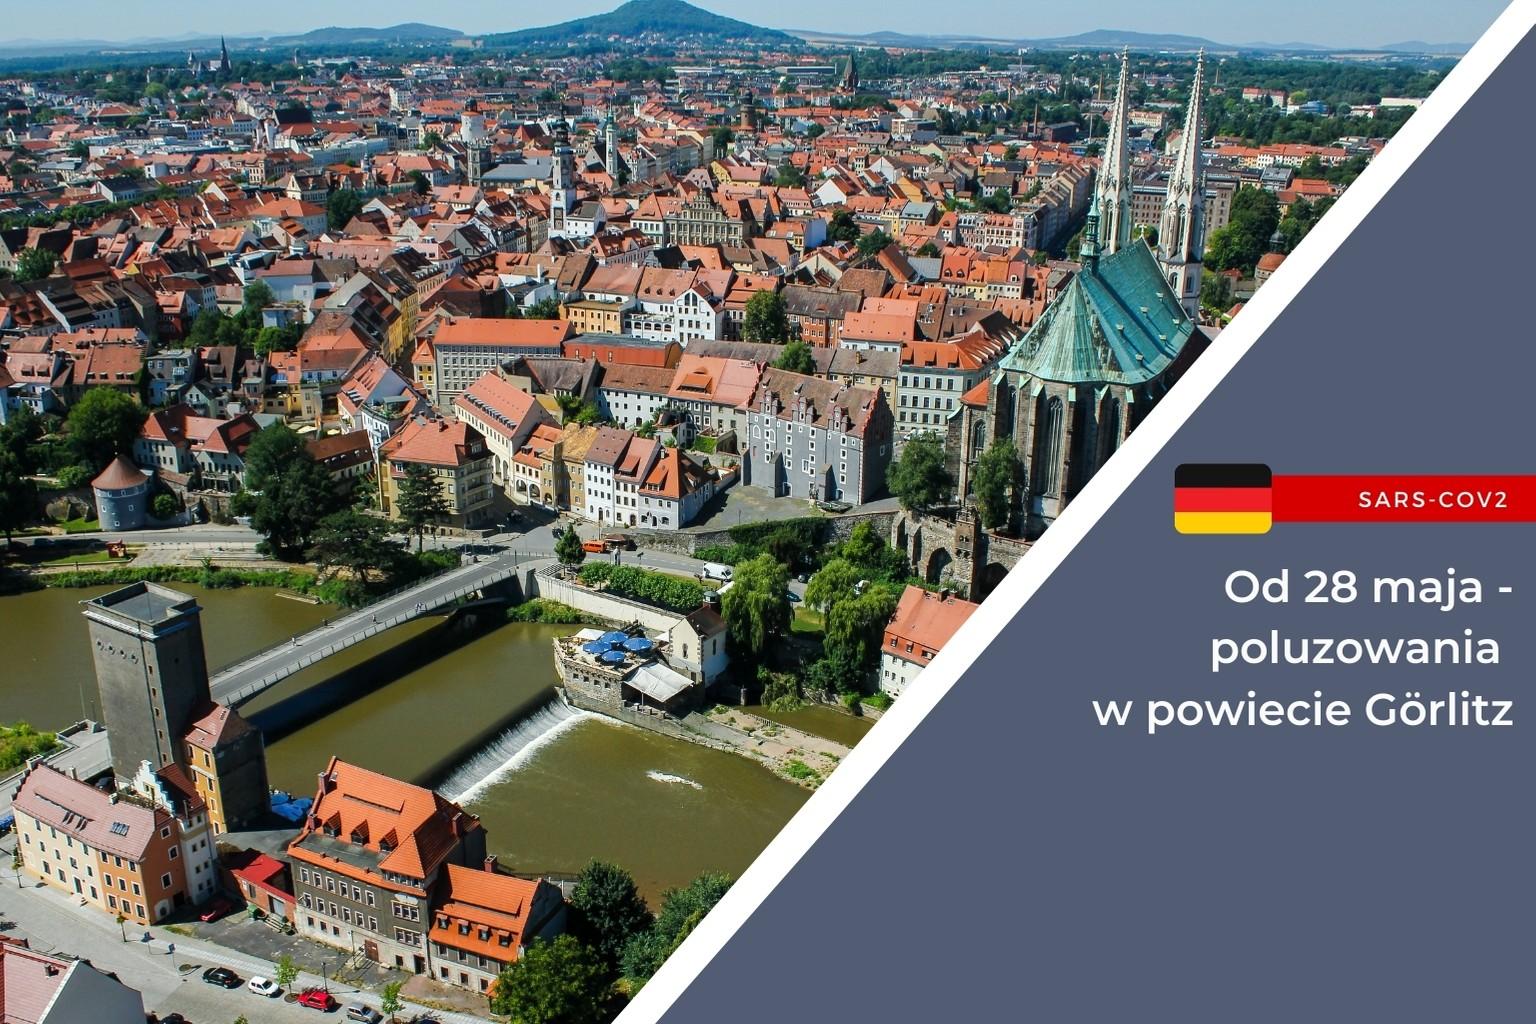 Od 28 maja kolejne poluzowania w powiecie Görlitz